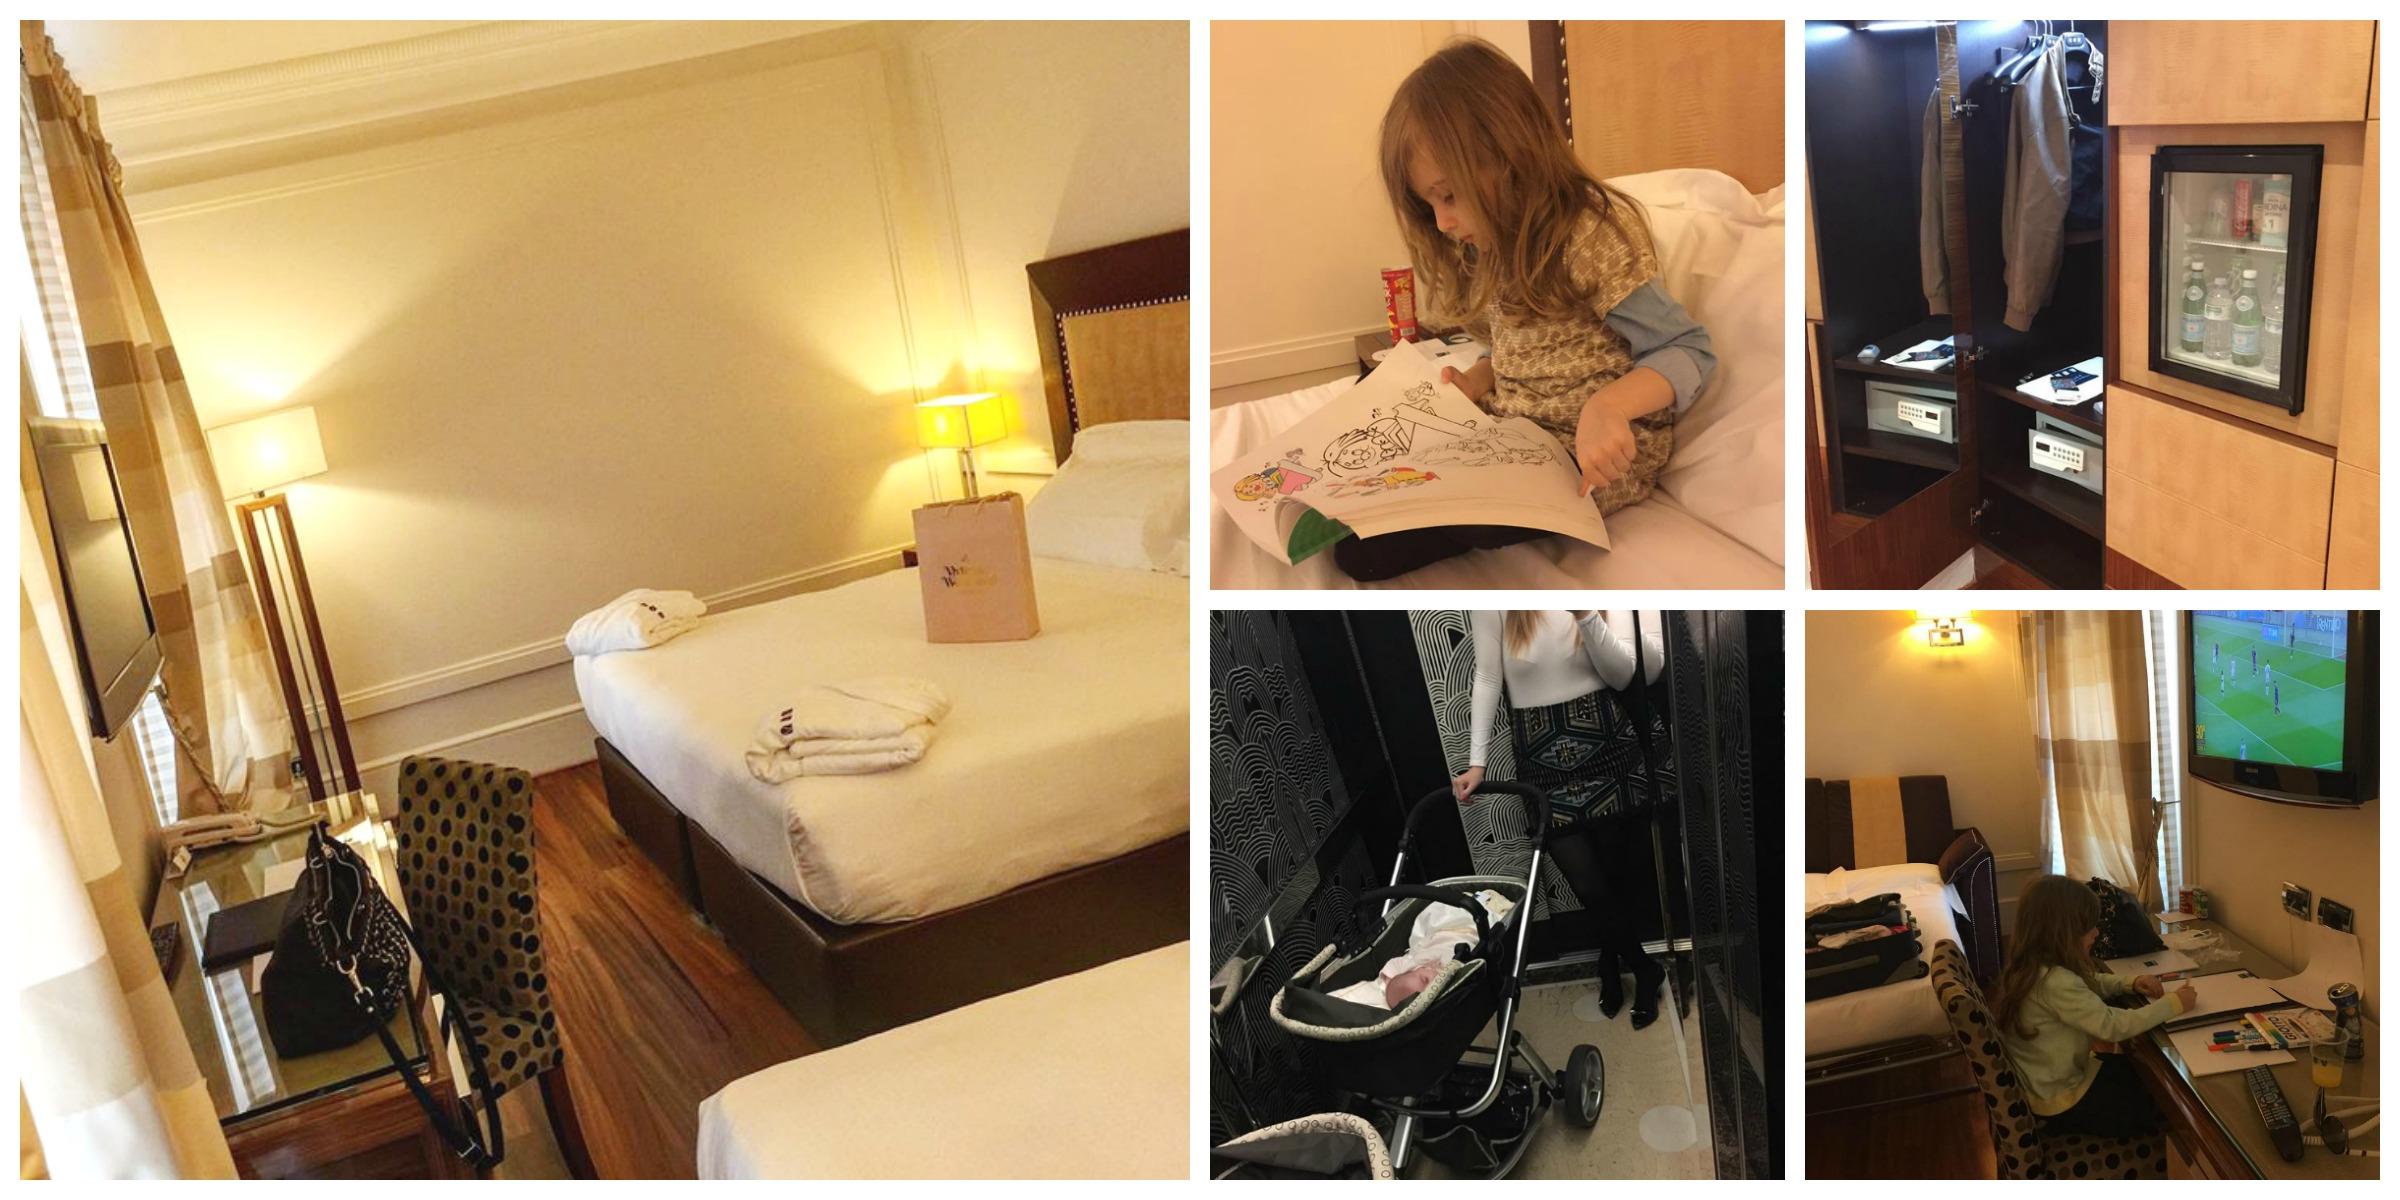 una hotel roma viaggiare roma alloggiare hotel 4 stelle viaggi in famiglia